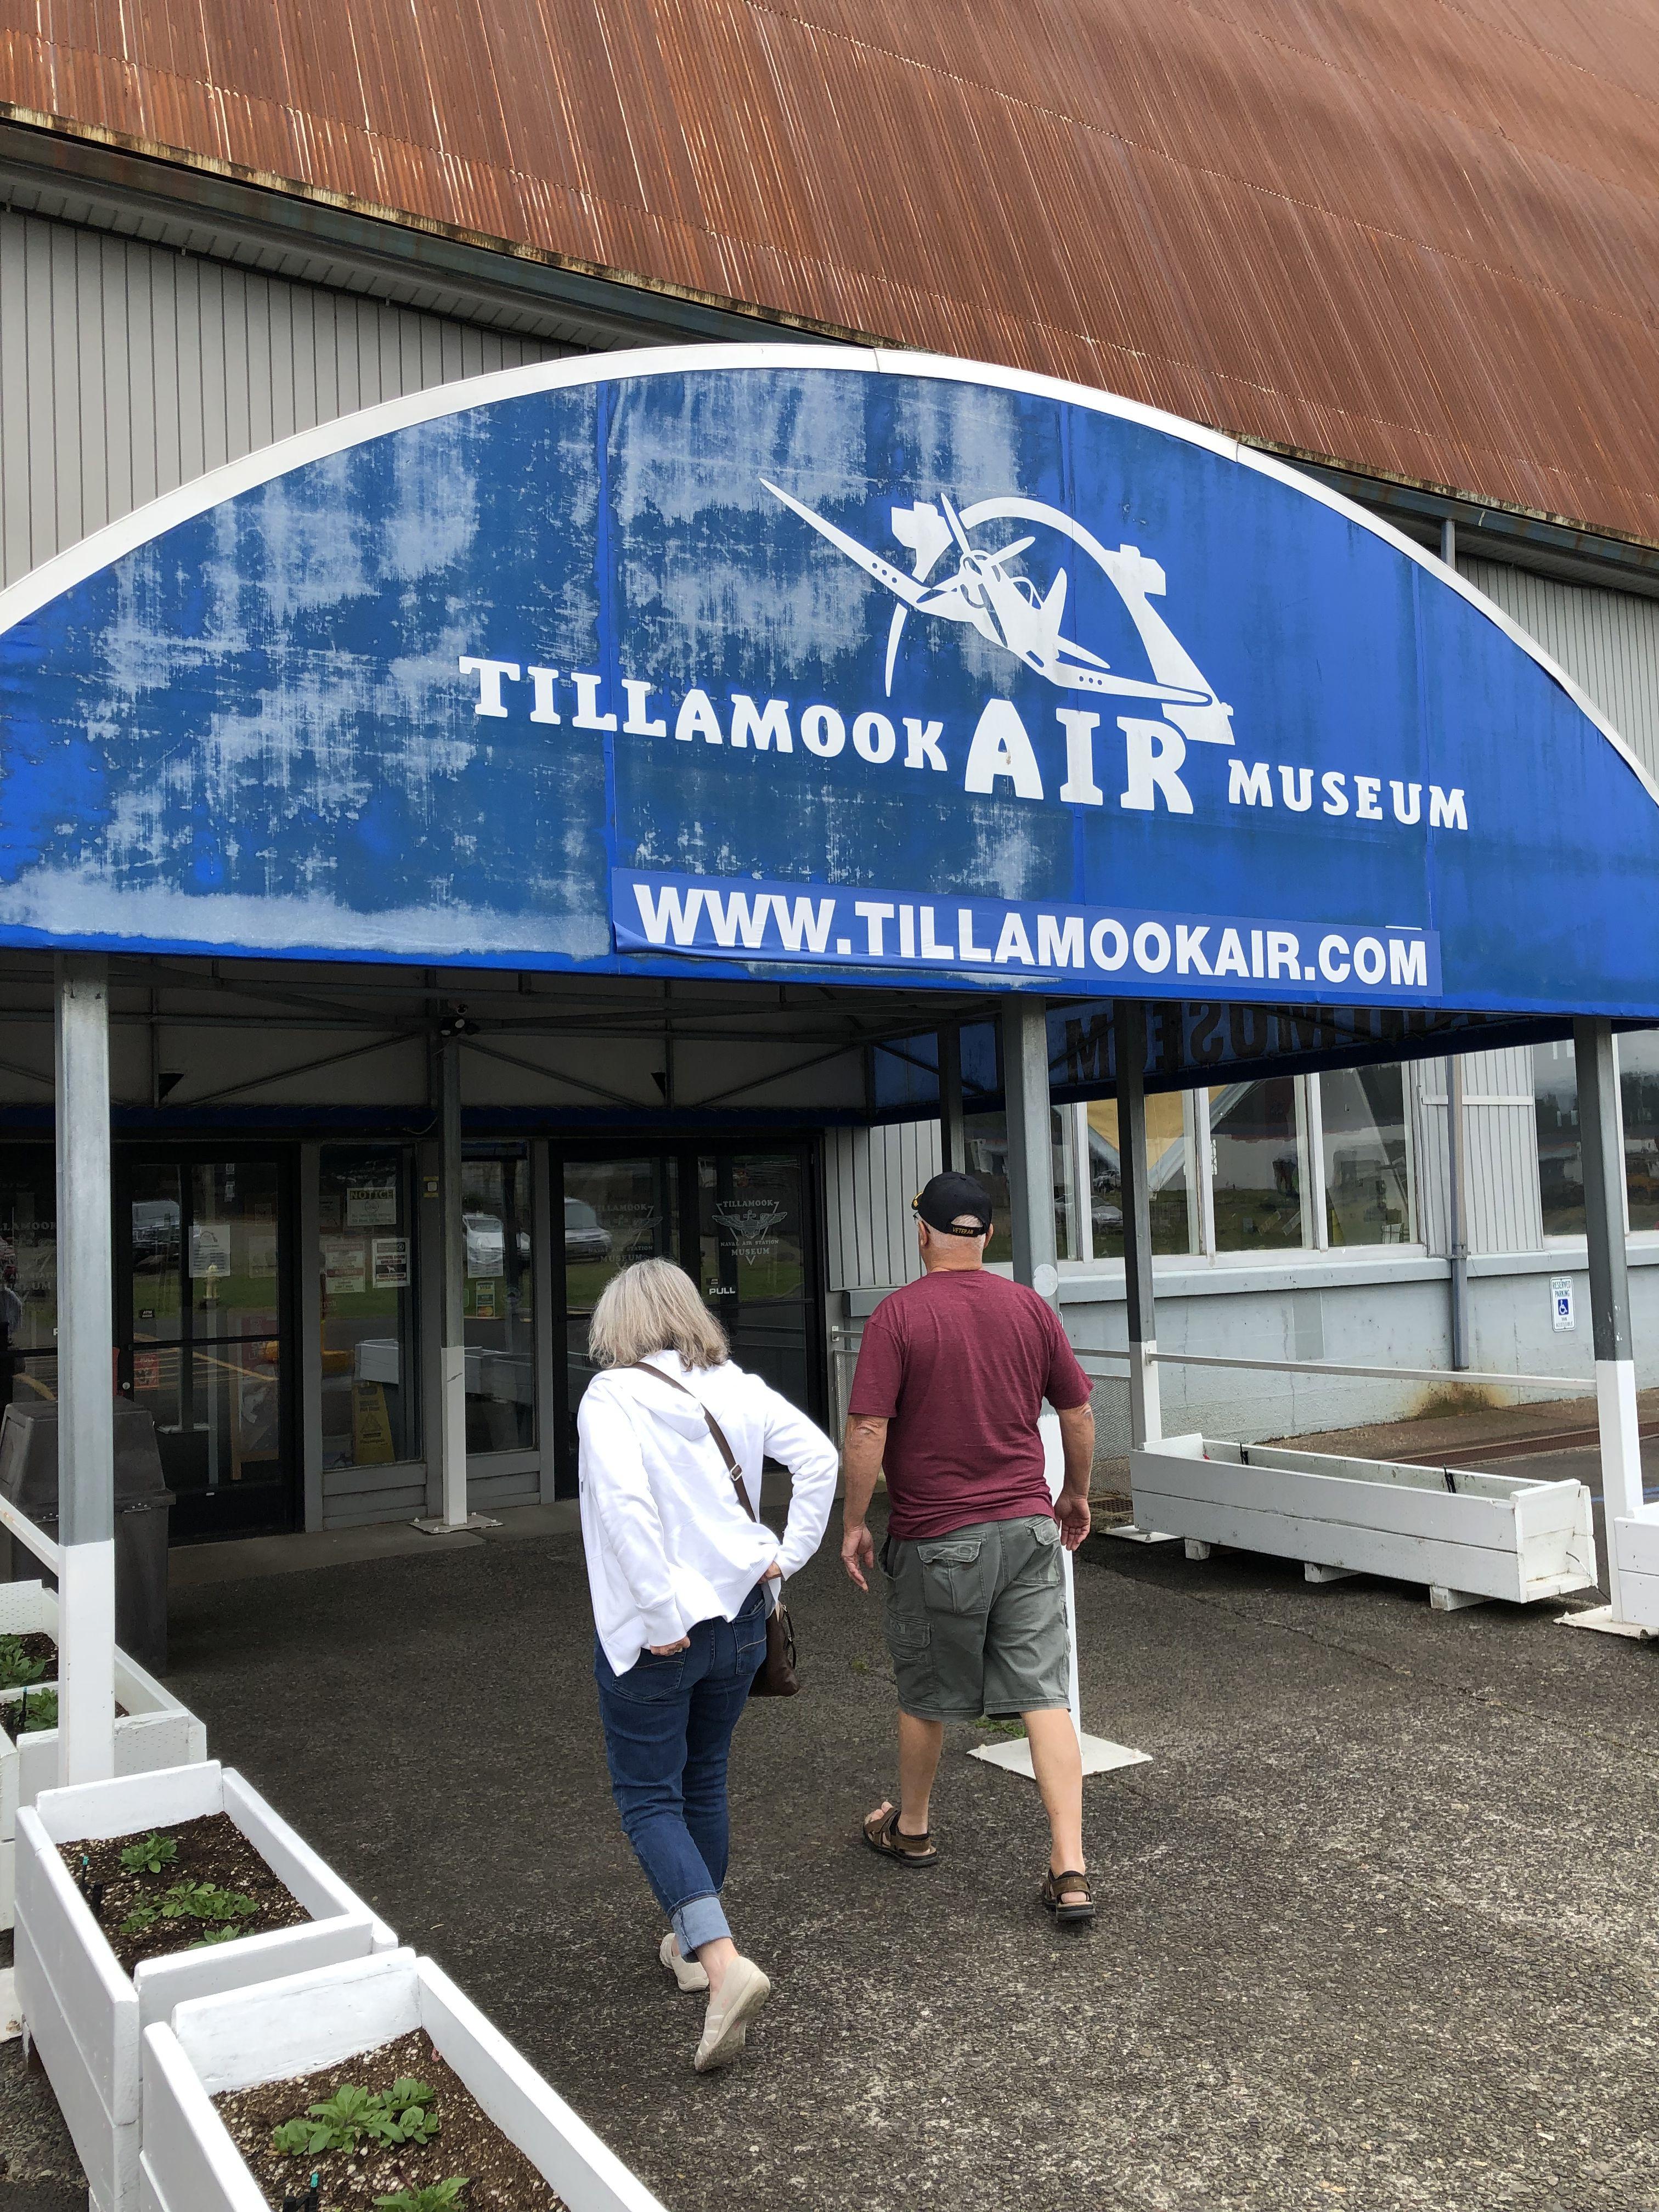 Tillamook Air Museum Tillamook, Oregon Places we've been